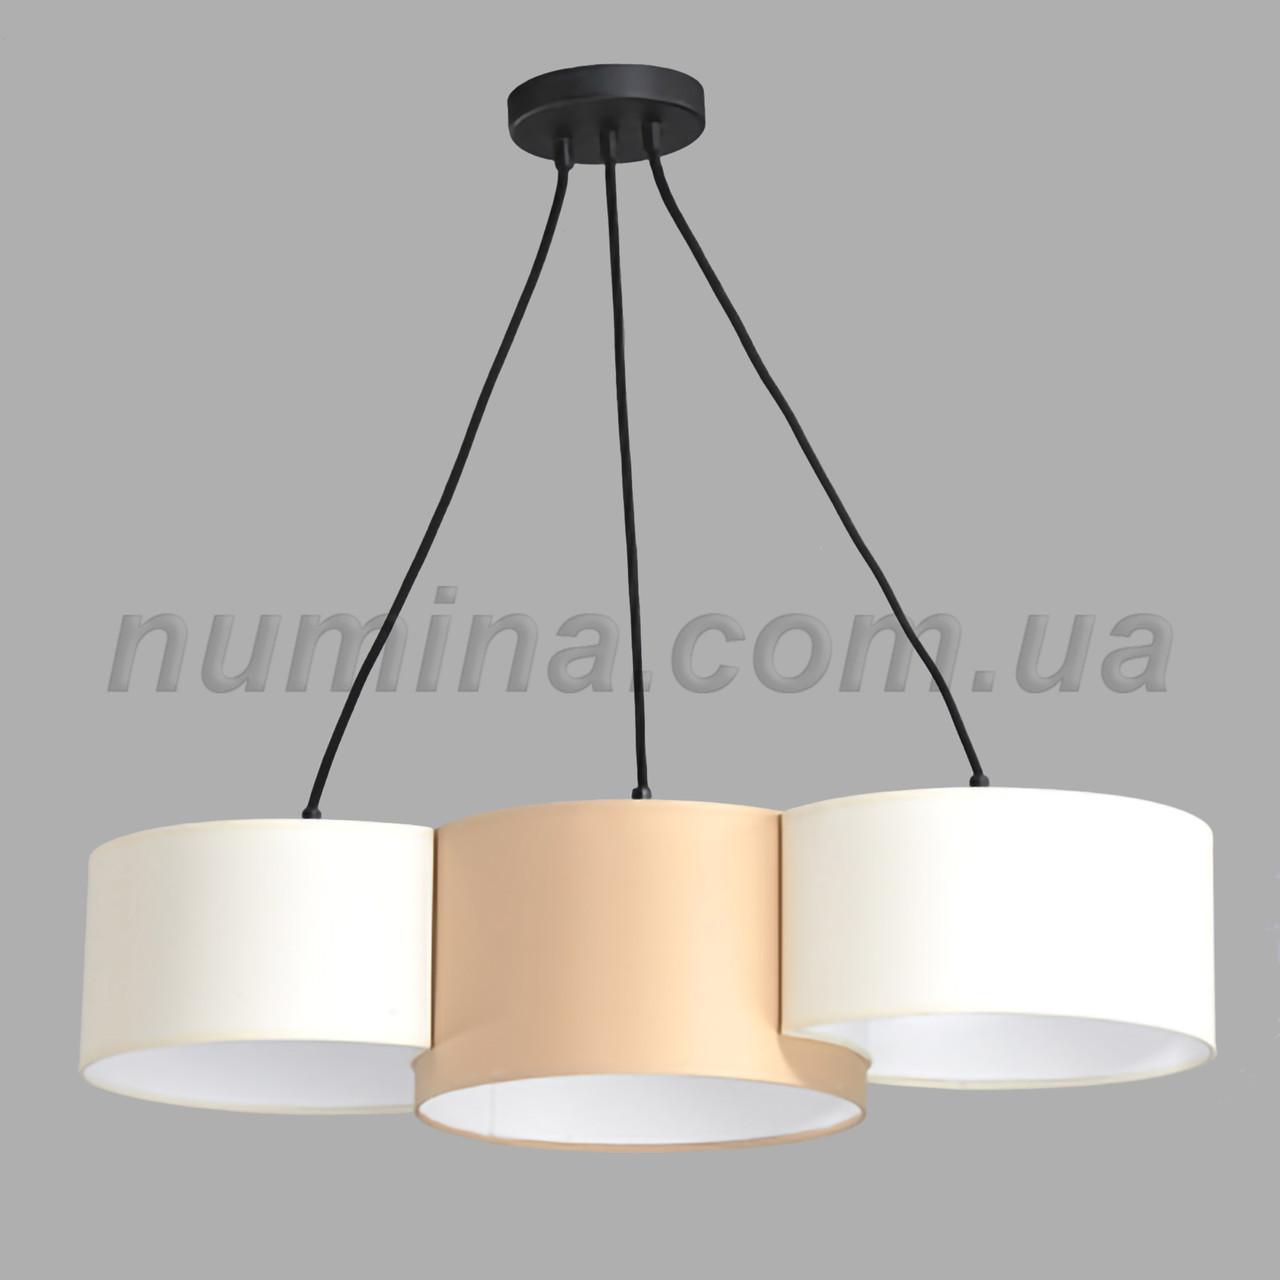 Люстра підвісна на 3 лампи 29-H161/3A BK+BR+WT